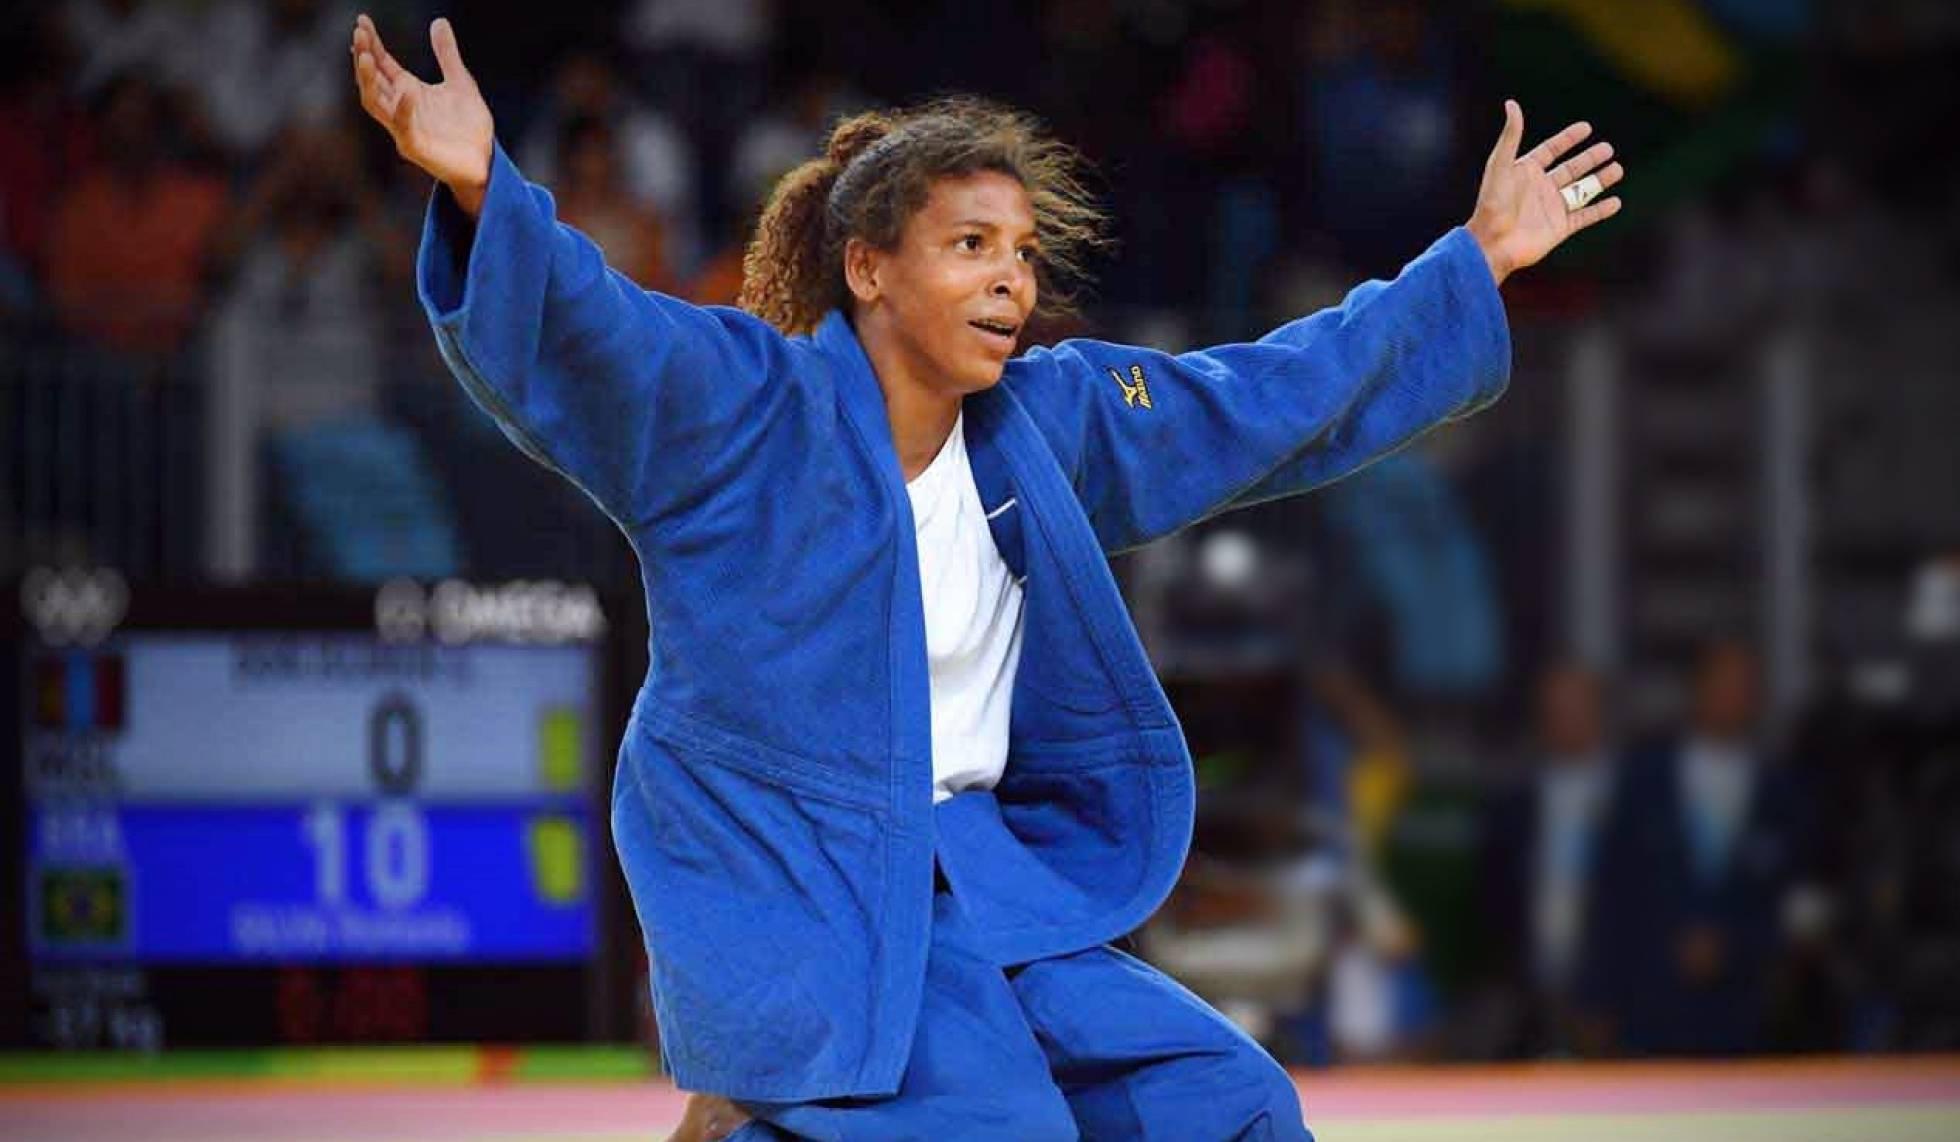 Rafaela Silva, primeira brasileira a conquistar um título olímpico e mundial, competirá no Grand Slam de Paris